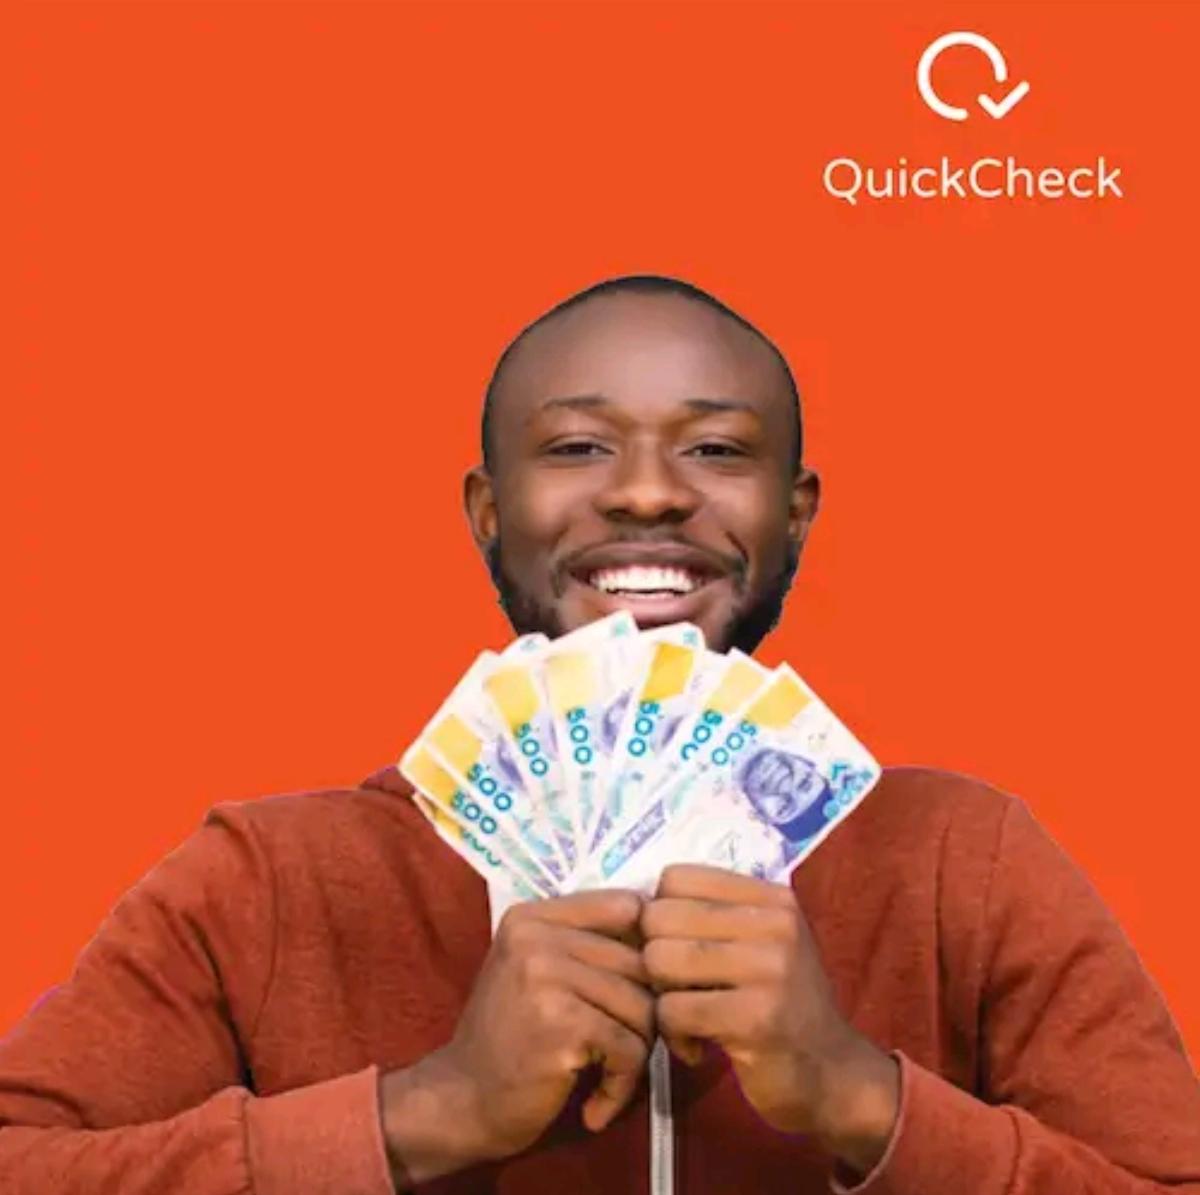 QuickCheck Loan App Nigeria